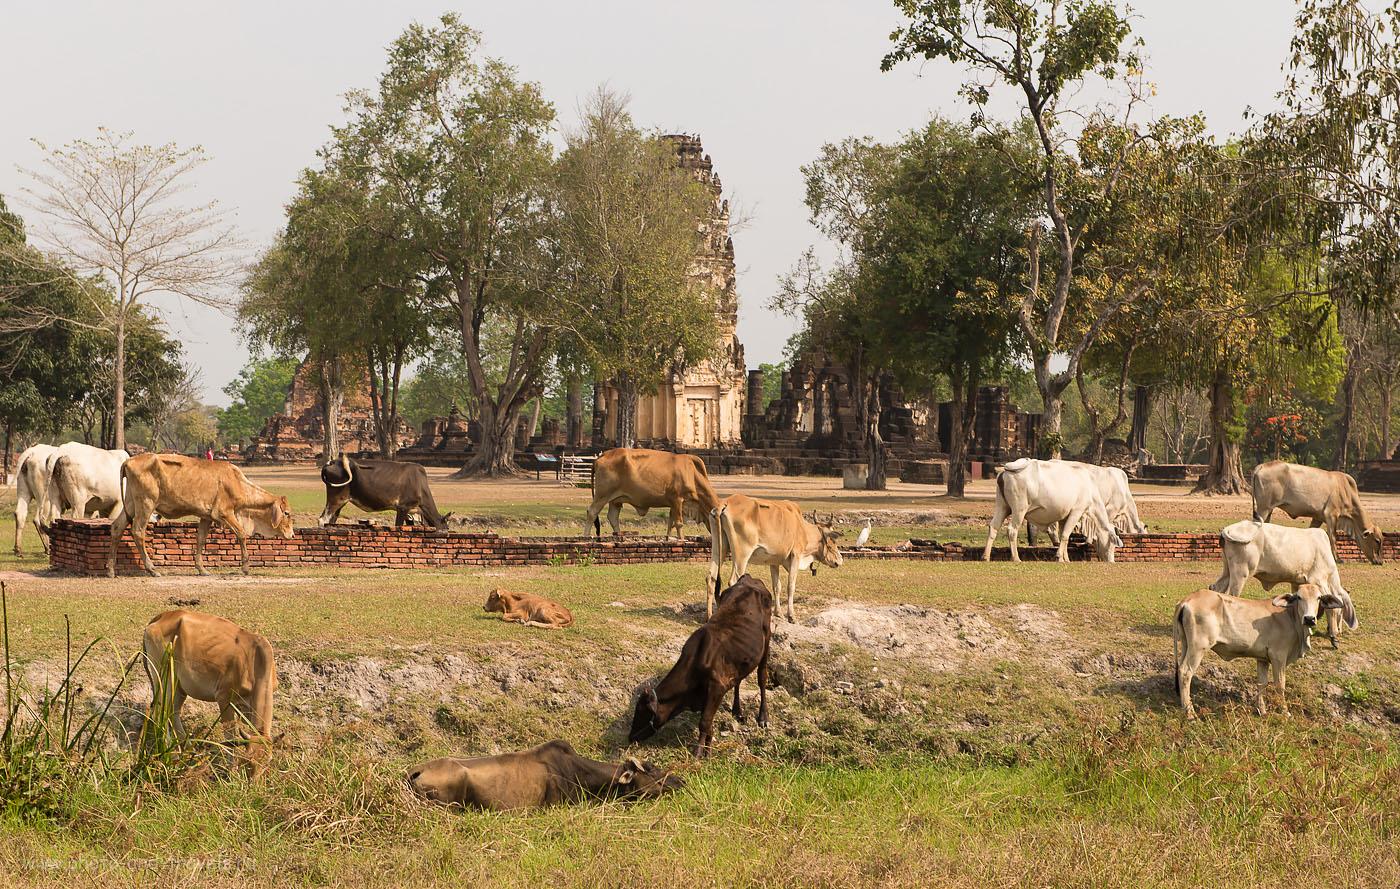 Фотография 20. Коровы в историческом парке Сукхотай. Тур на машине по Таиланду самостоятельно.